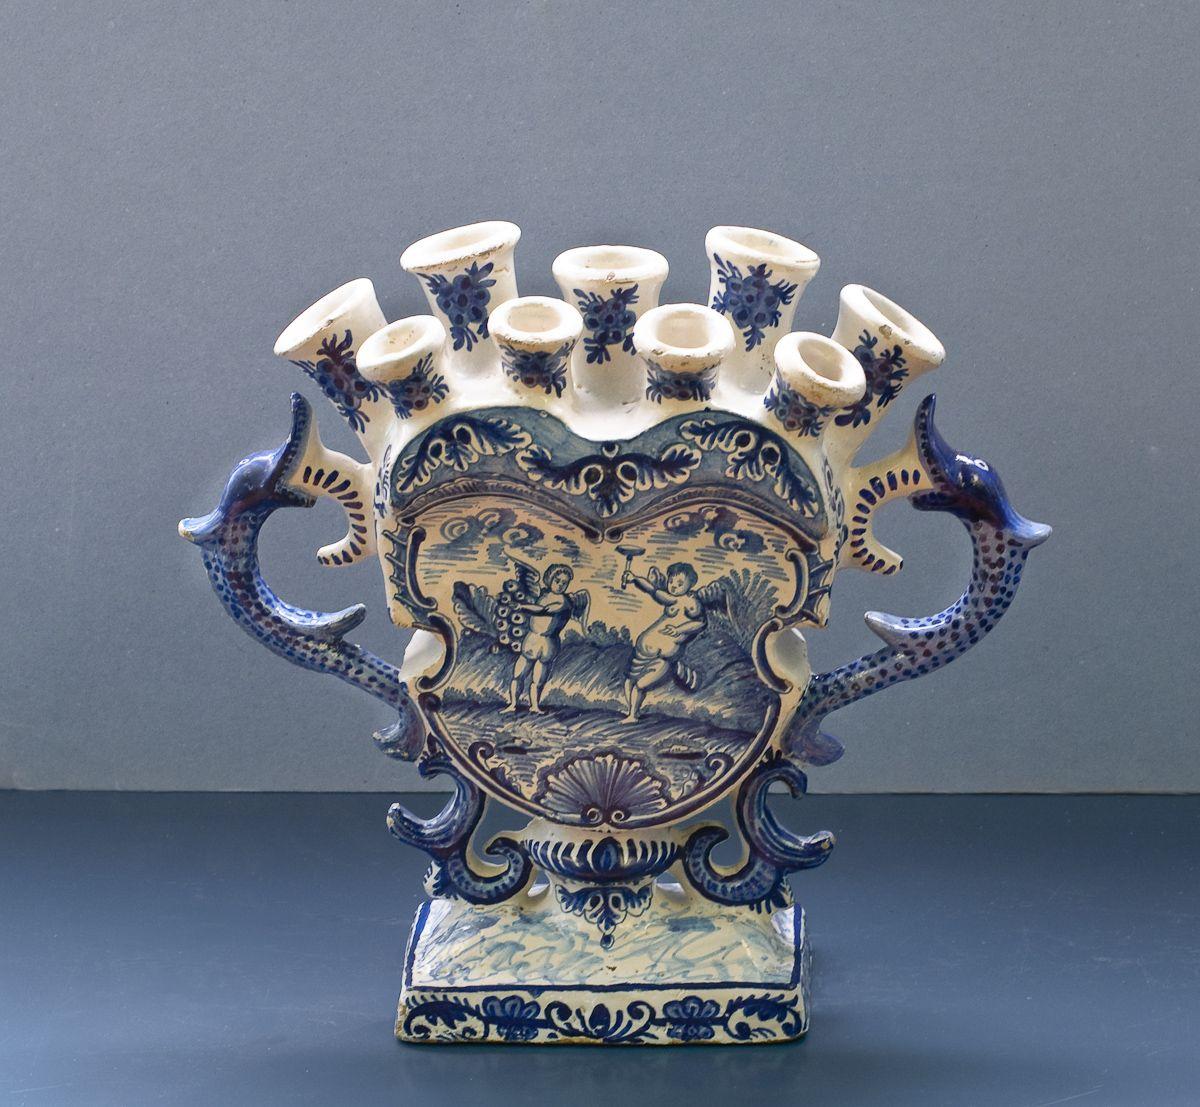 Bestand:WLANL - 23dingenvoormusea - tulpenvaas.jpg | Blue vase, Tulips in  vase, Ceramic candle